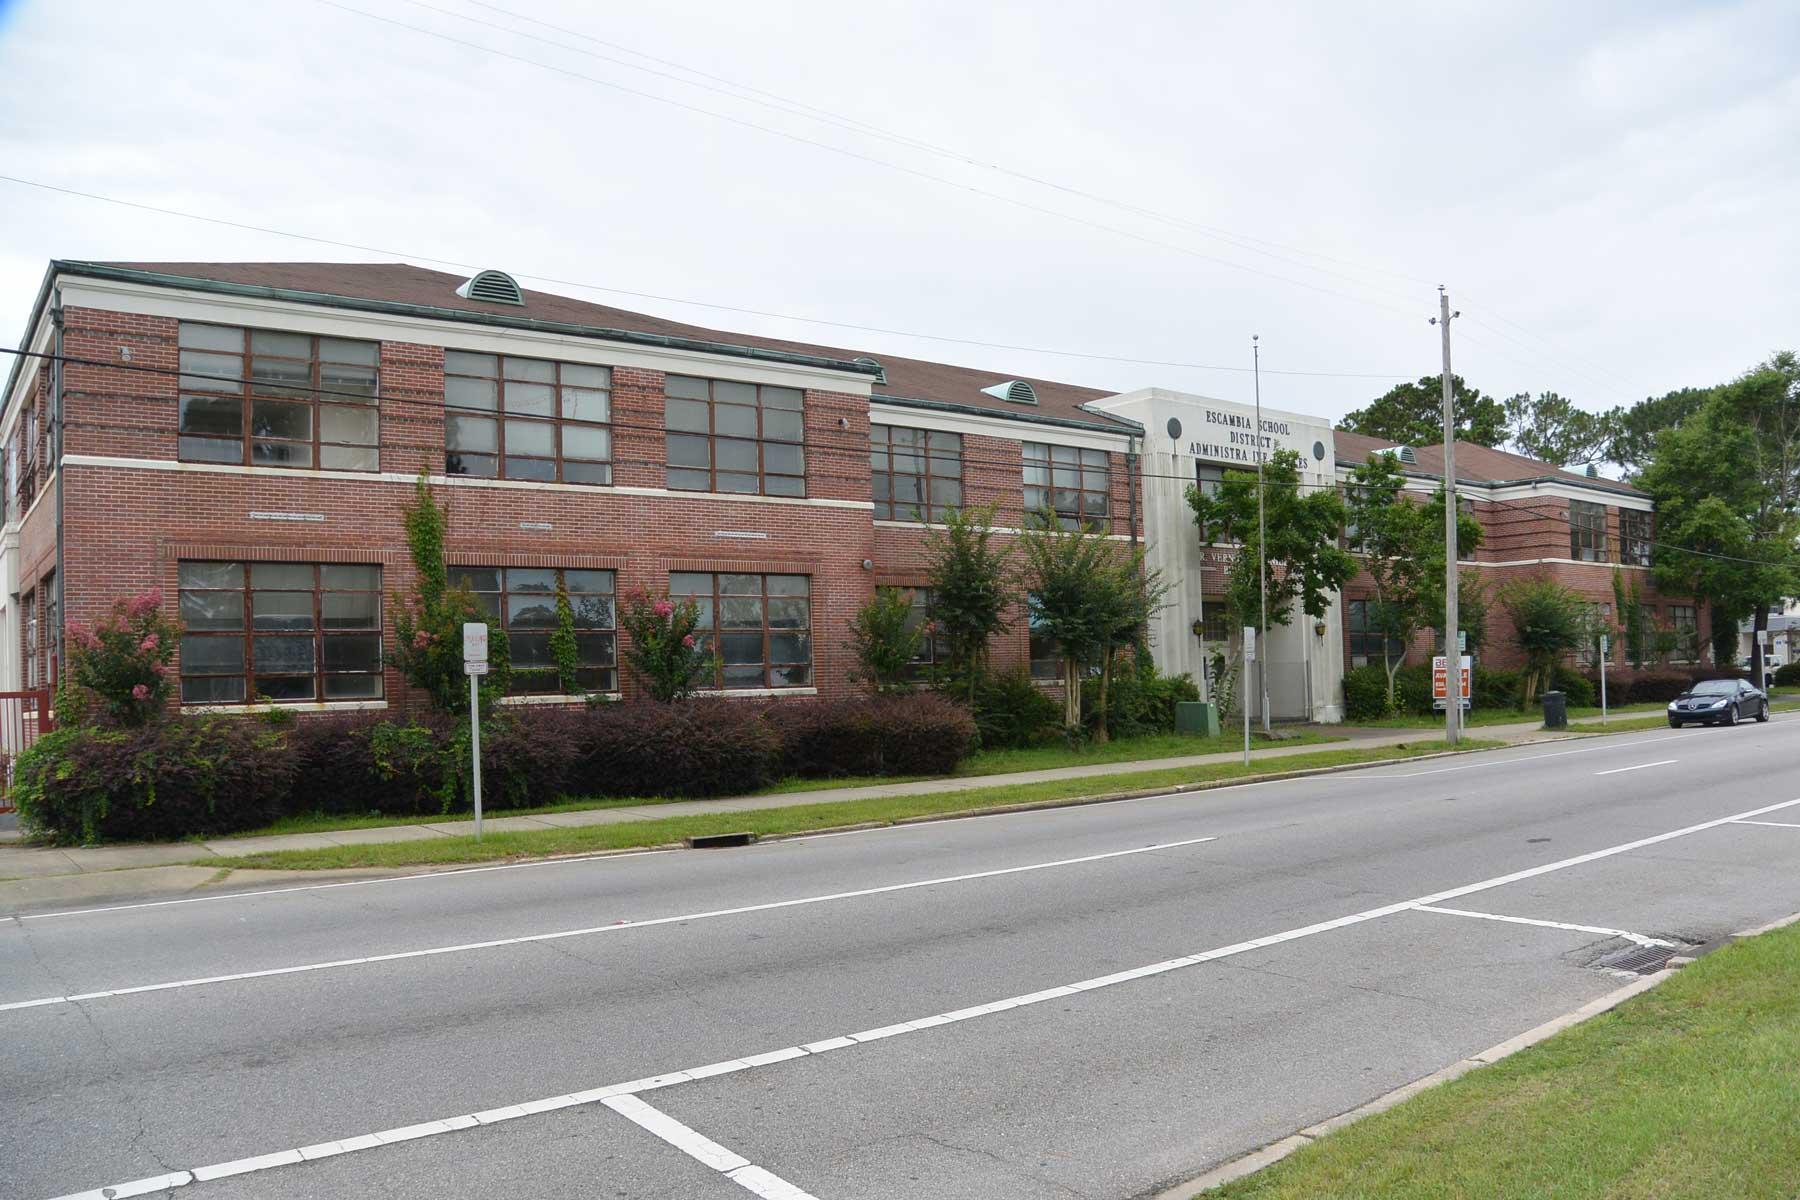 #2 - Pensacola Vocational School215 West Garden StreetBuilt 1941